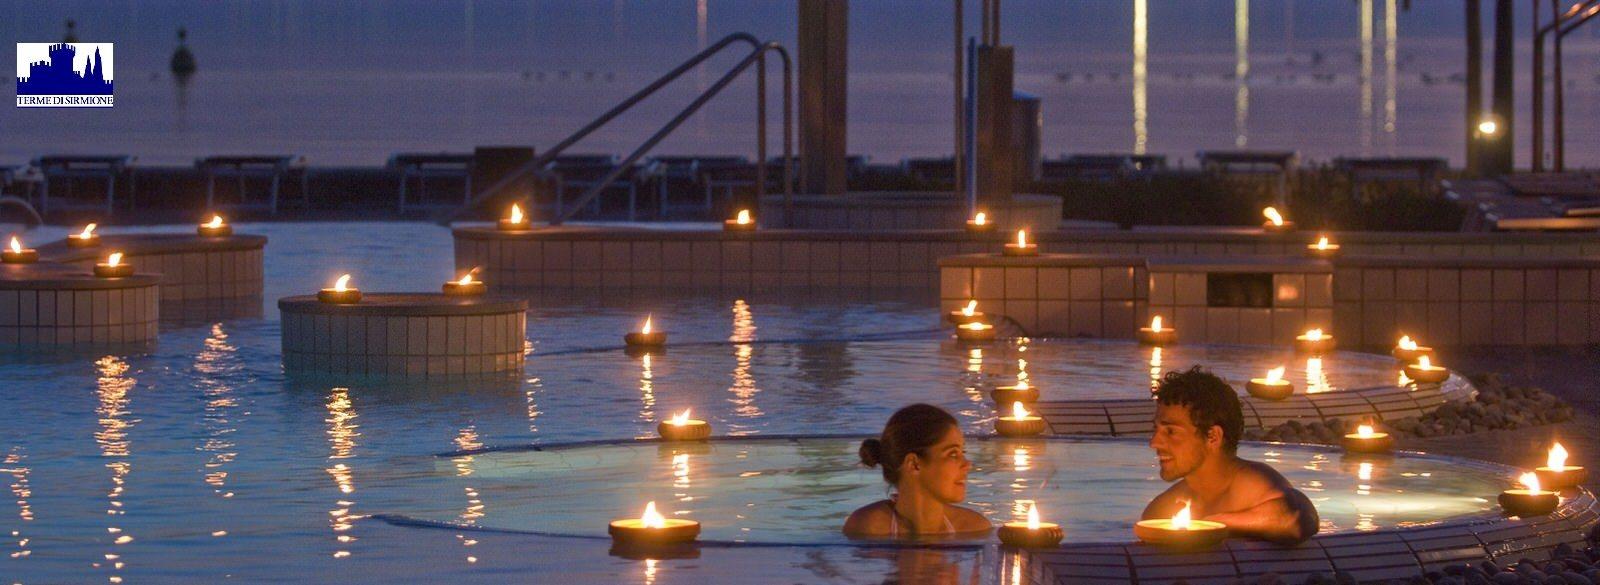 Terme in italia i migliori centri termali al mare o in montagna - Hotel con piscine termali all aperto ...